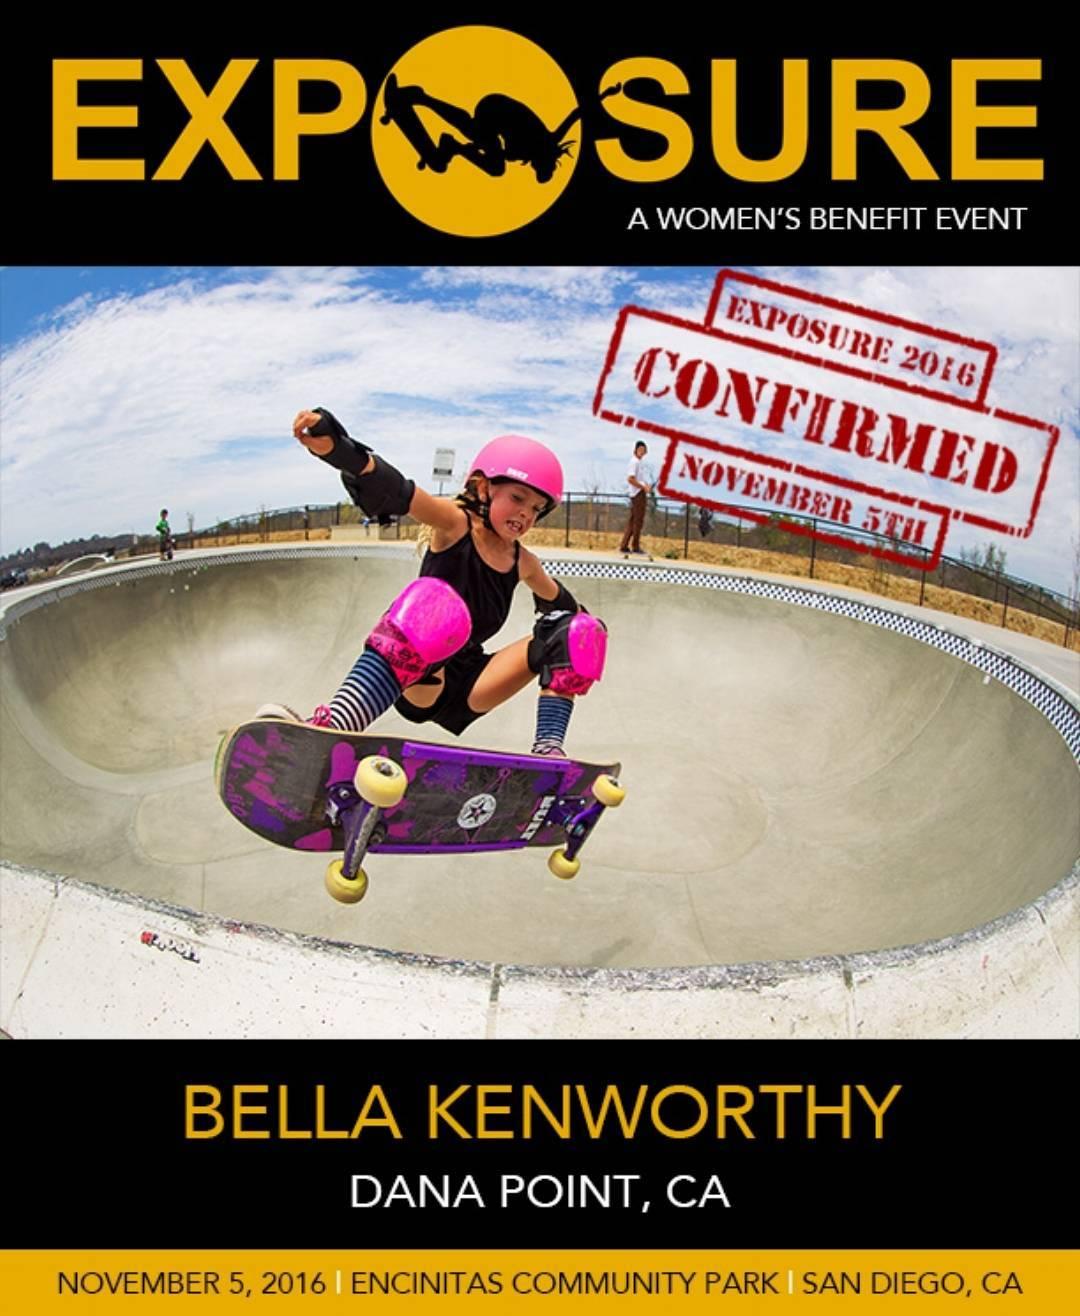 Getting excited to see @bellatreas_kenworthy at EXPOSURE!!